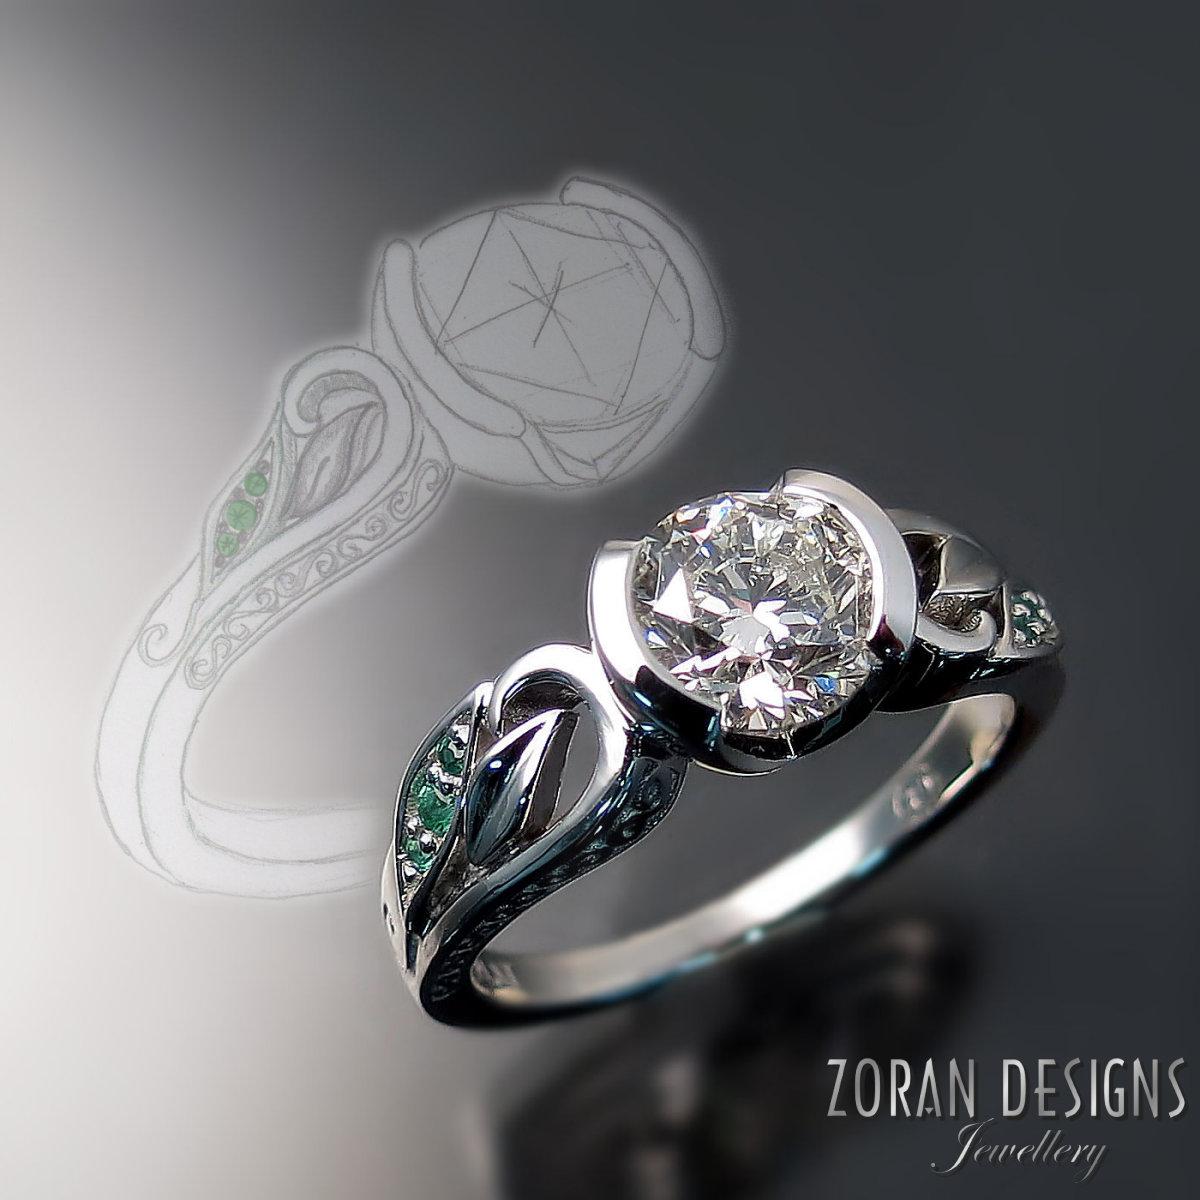 Creative custom design for unique engagement rings